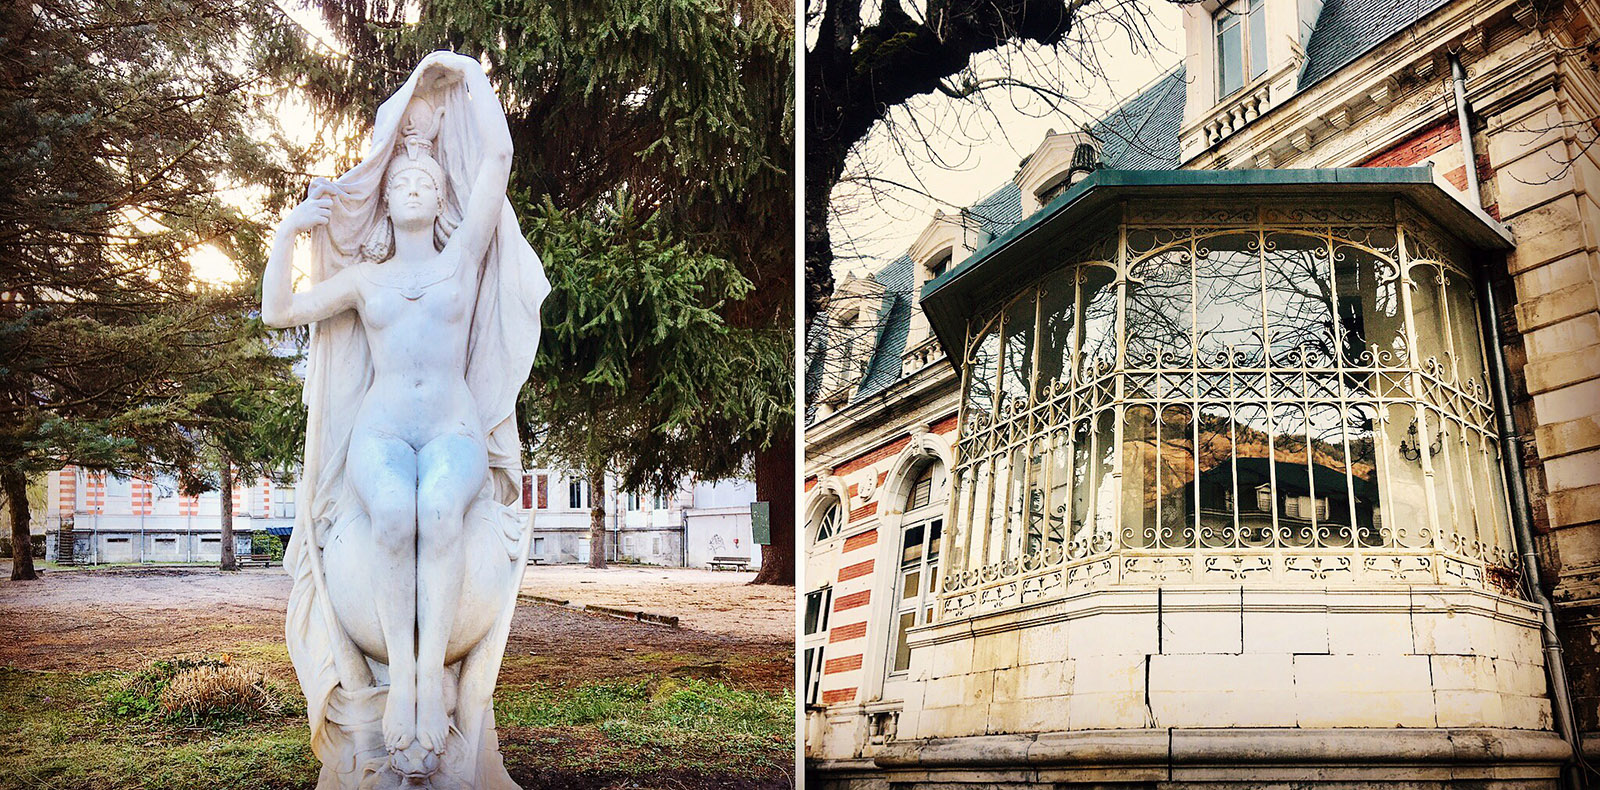 Luchoin besitzt noch ein reiches Erbe an Bäderarchitektur der Belle Époque. Foto: Hilke Maunder